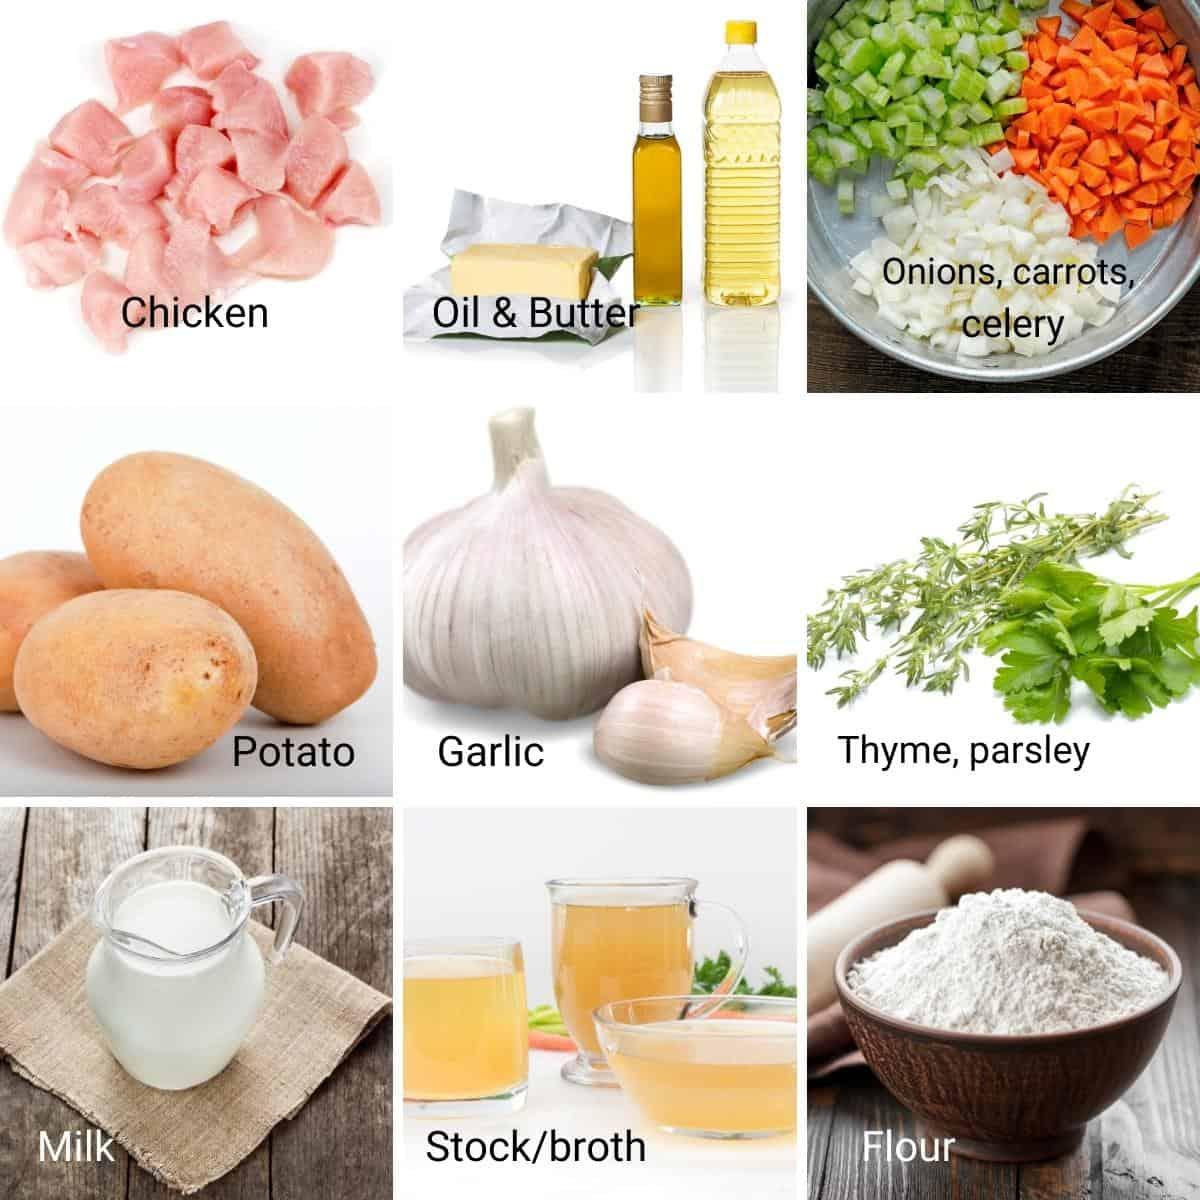 Ingredients shot collage for chicken pot pie.